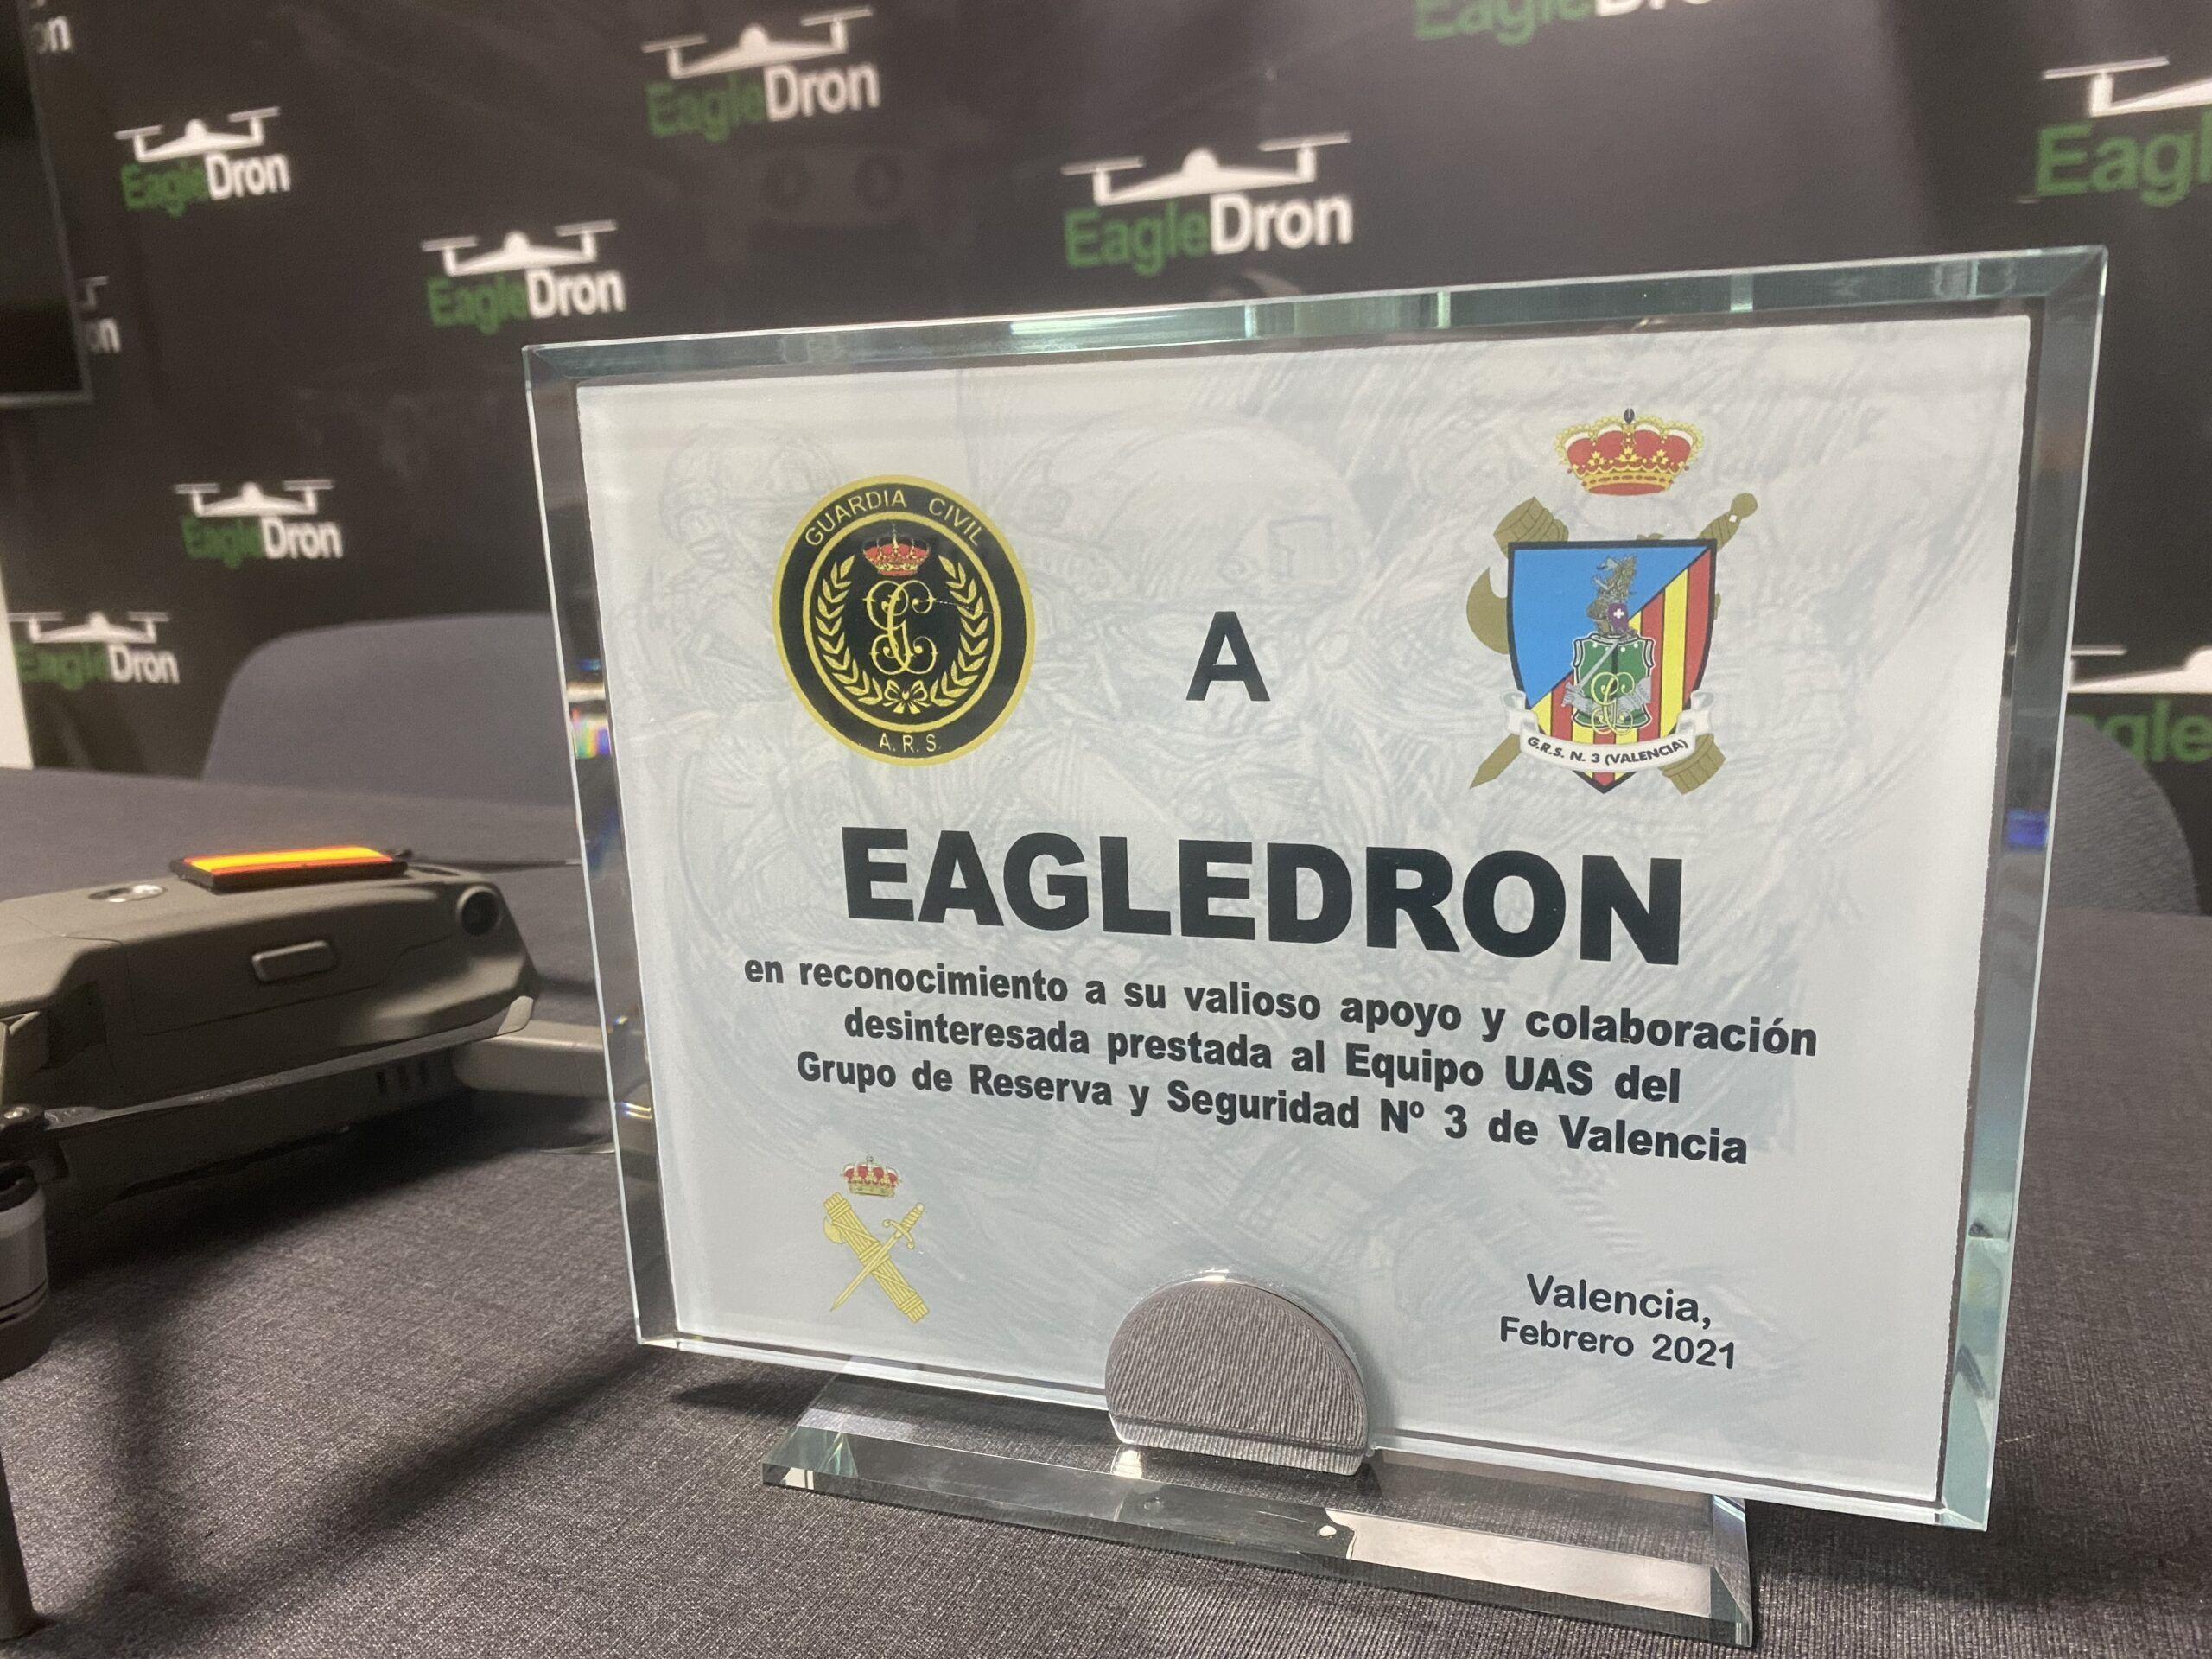 Placa Guardia Civil en agradecimiento a EagleDron